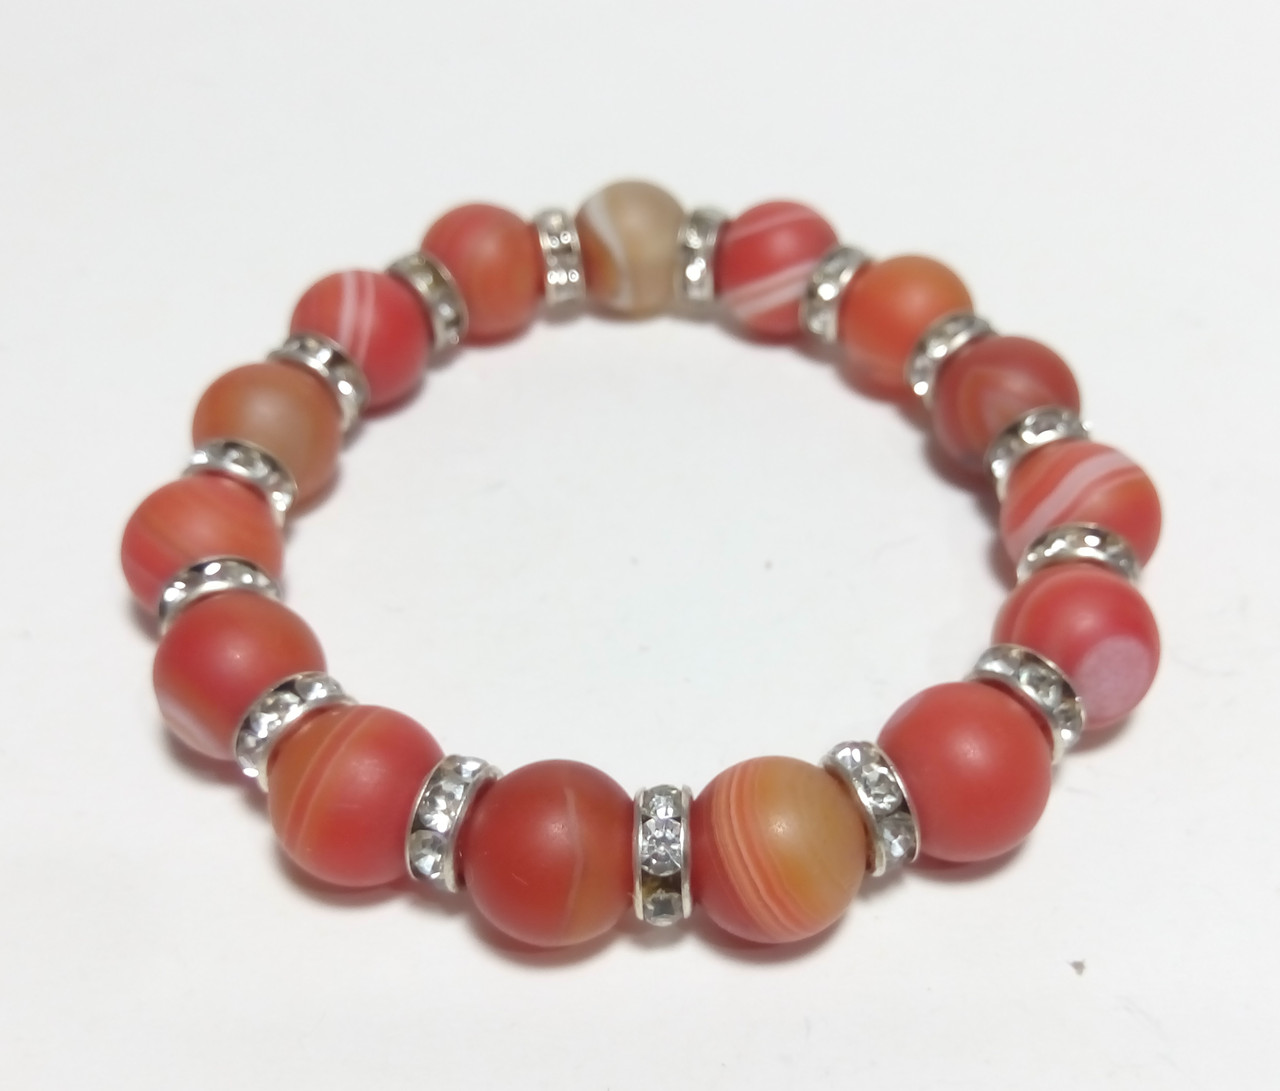 Браслет из Агата матовый, натуральный камень, цвет оранжевый и его оттенки, тм Satori \ Sb - 0054